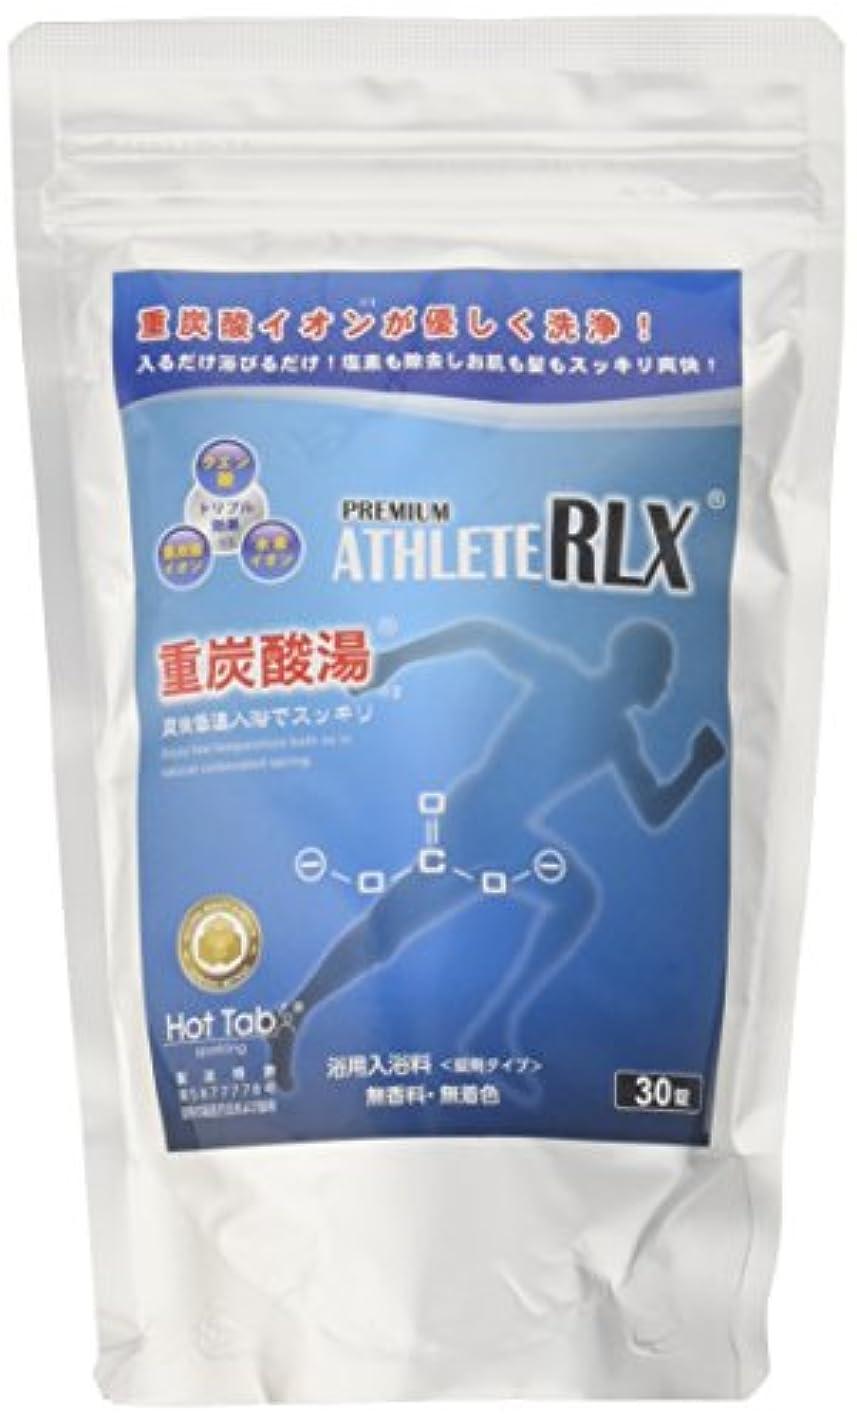 クラックポット品揃え特別なホットアルバムコム 新PREMIUM ATHLETE RLX重炭酸湯(プレミアムアスリートRLX) 30錠入り